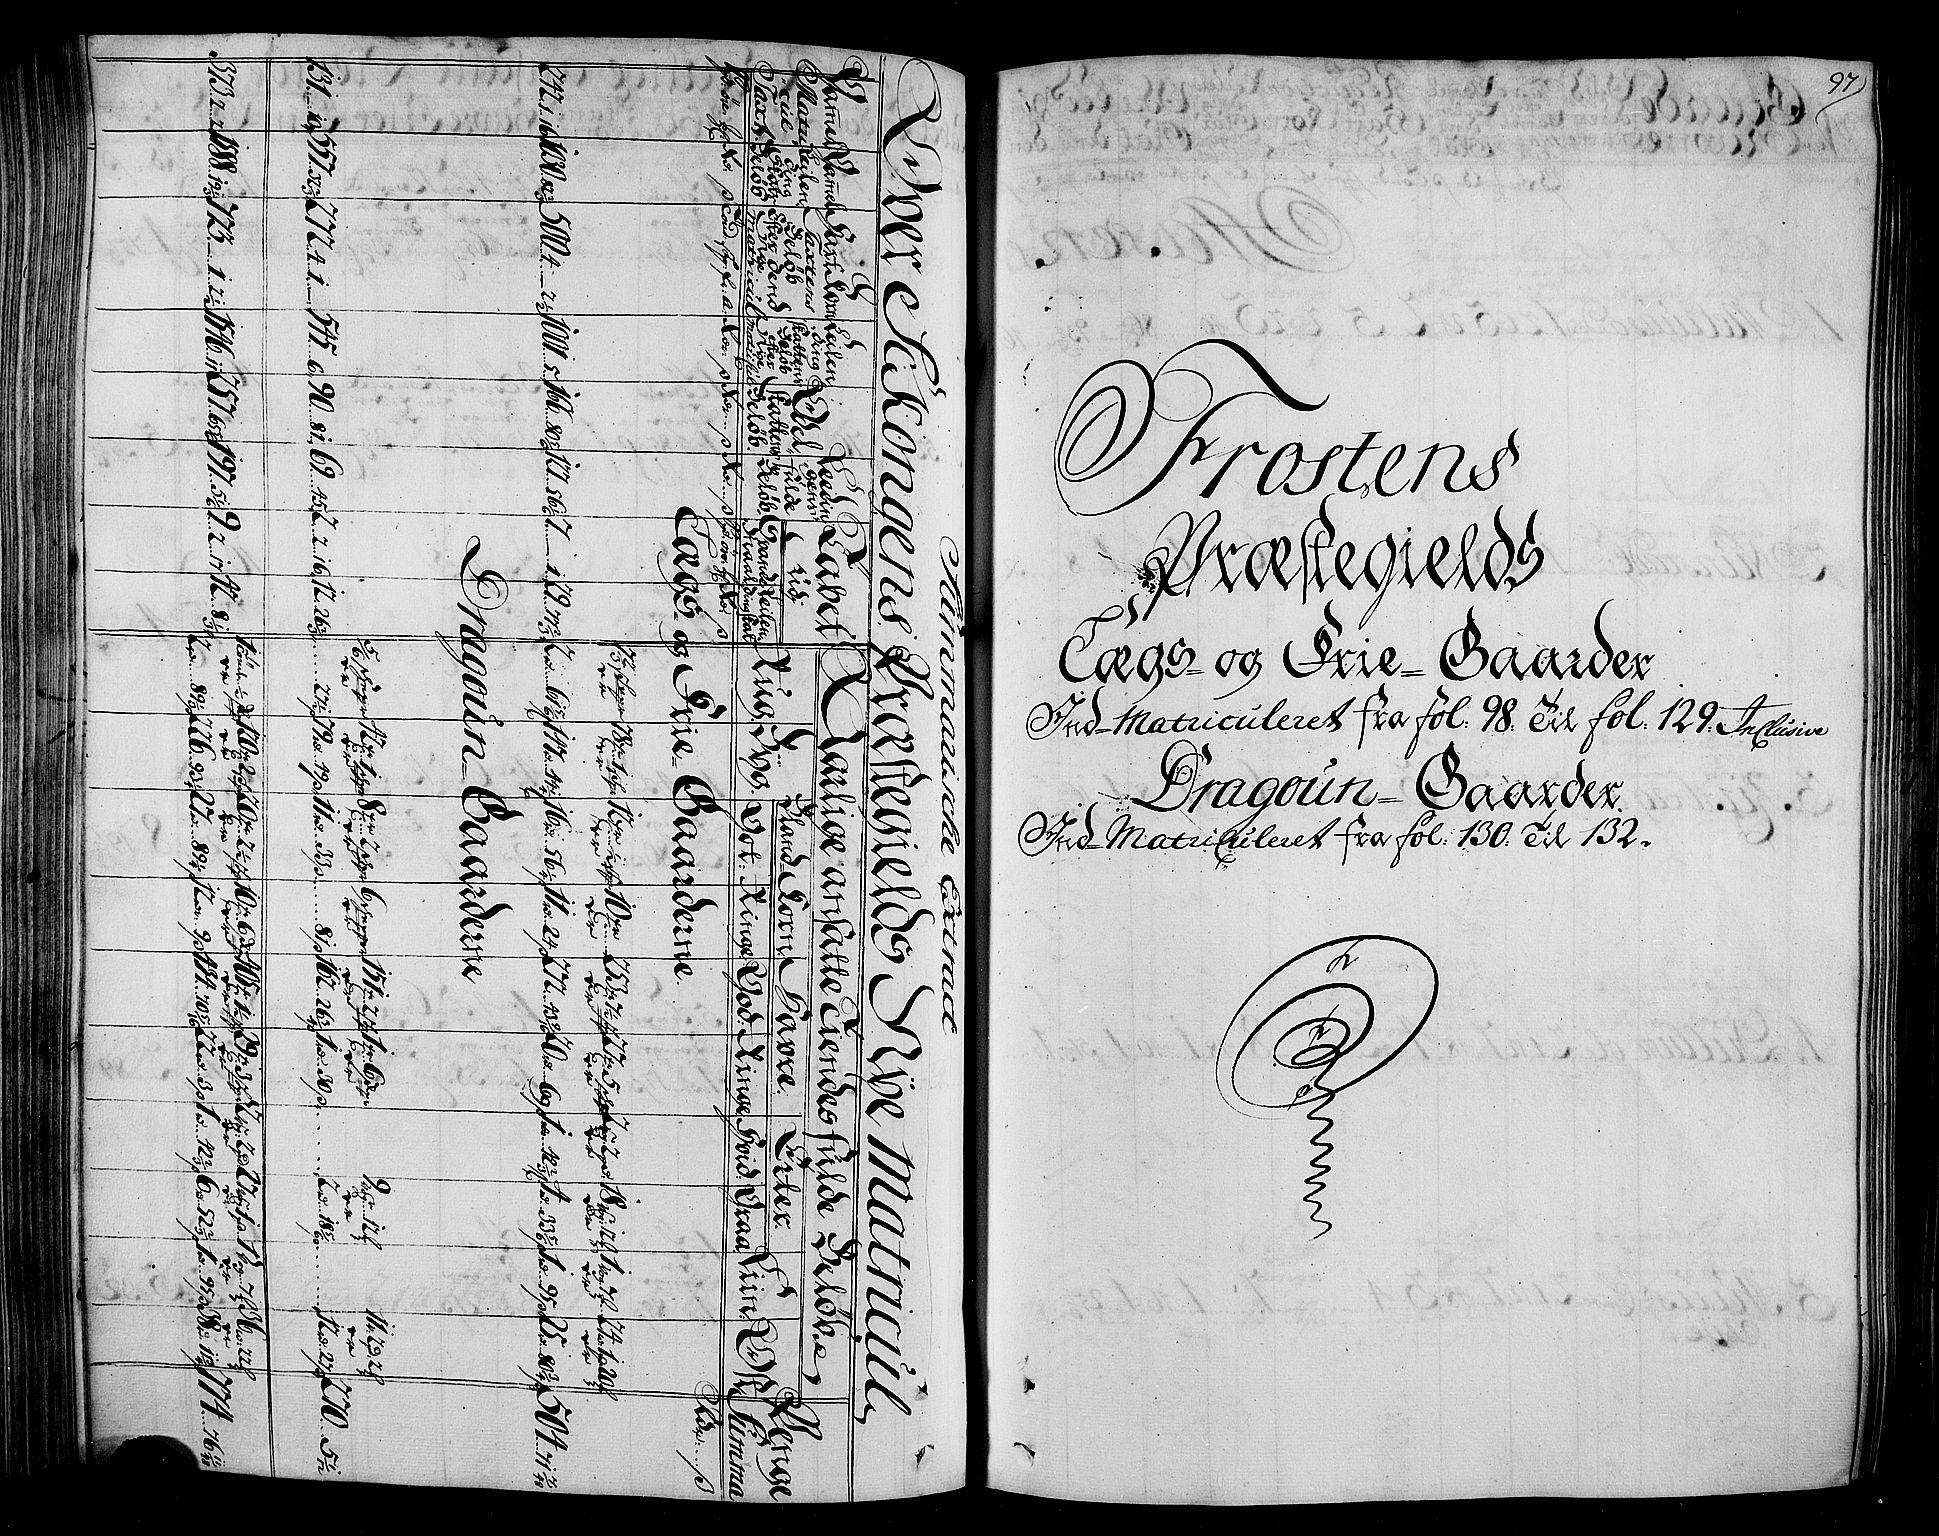 RA, Rentekammeret inntil 1814, Realistisk ordnet avdeling, N/Nb/Nbf/L0165: Stjørdal og Verdal matrikkelprotokoll, 1723, s. 96b-97a